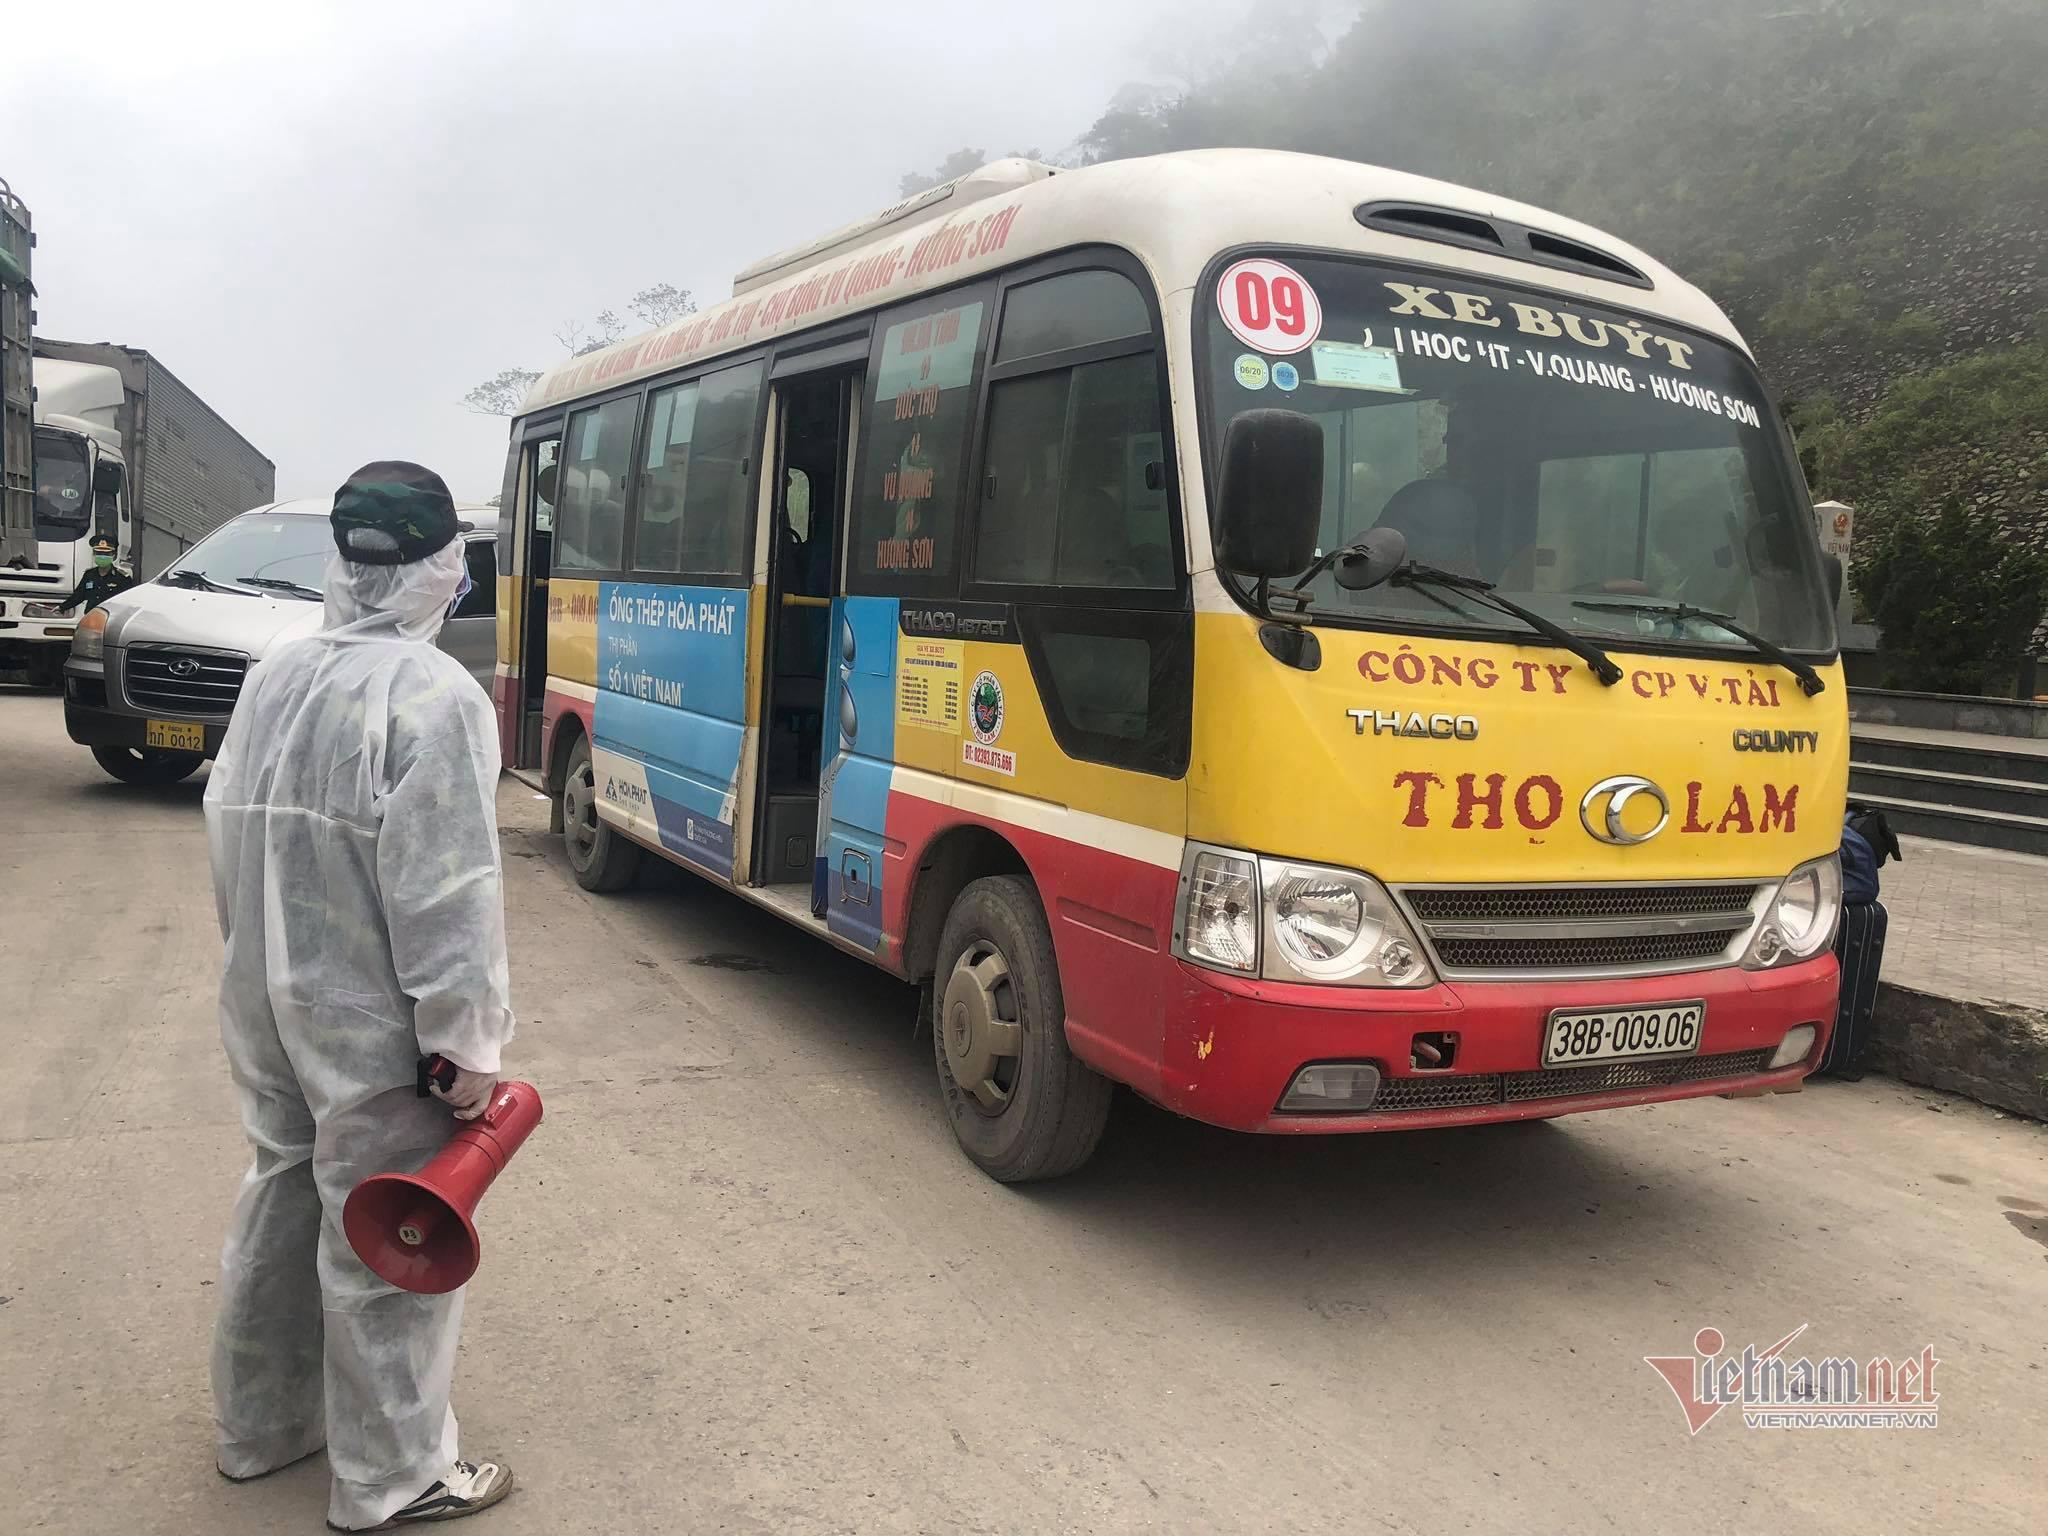 Trước giờ tạm dừng qua lại biên giới, nghìn người Việt từ Lào đổ về